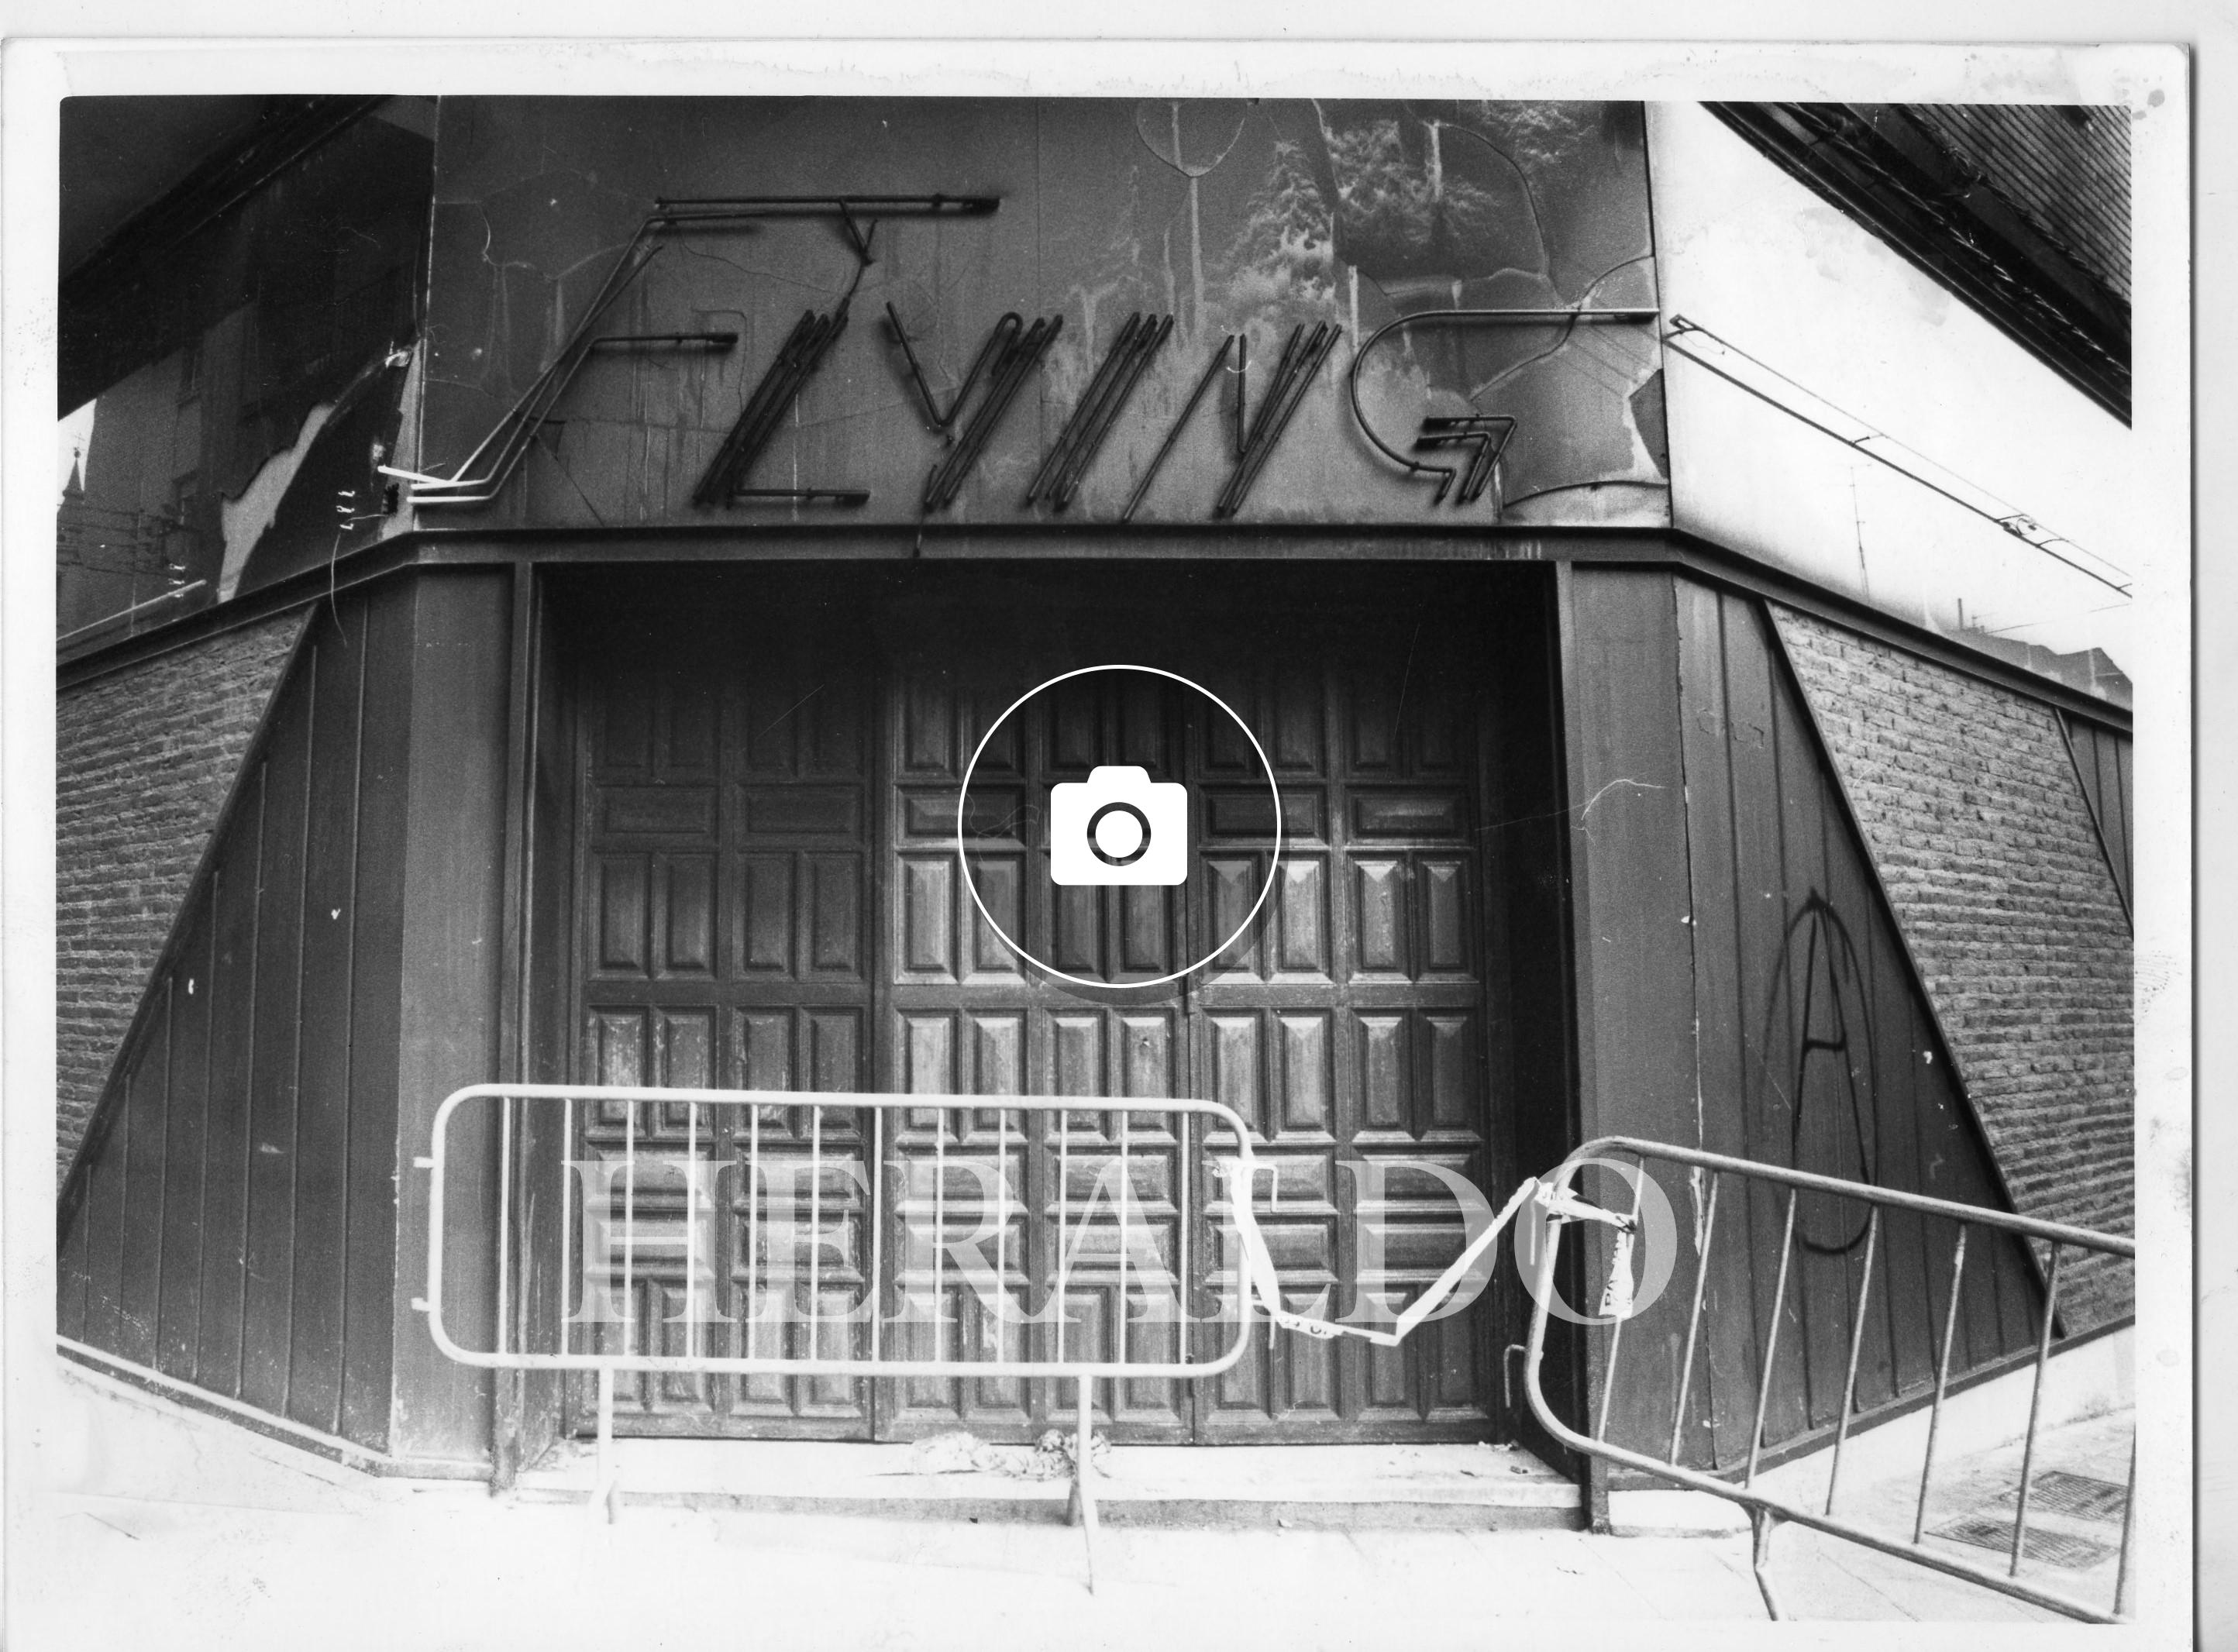 El incendio de la discoteca Flying, historia trágica de Zaragoza